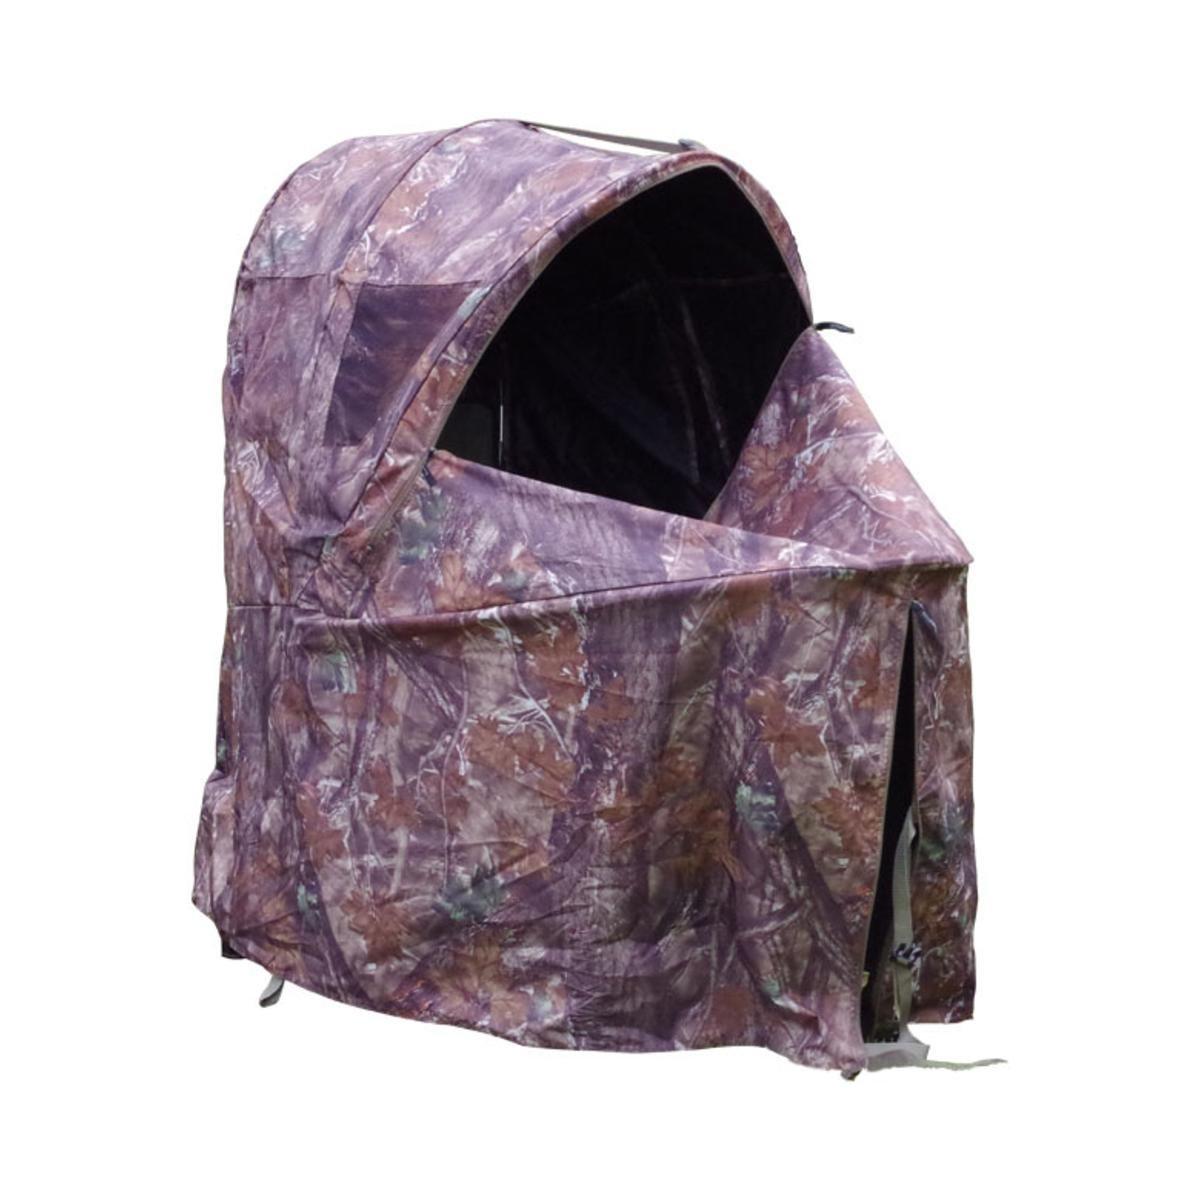 One Man Silla de camuflaje, ideal para esconderse BushWear 316920